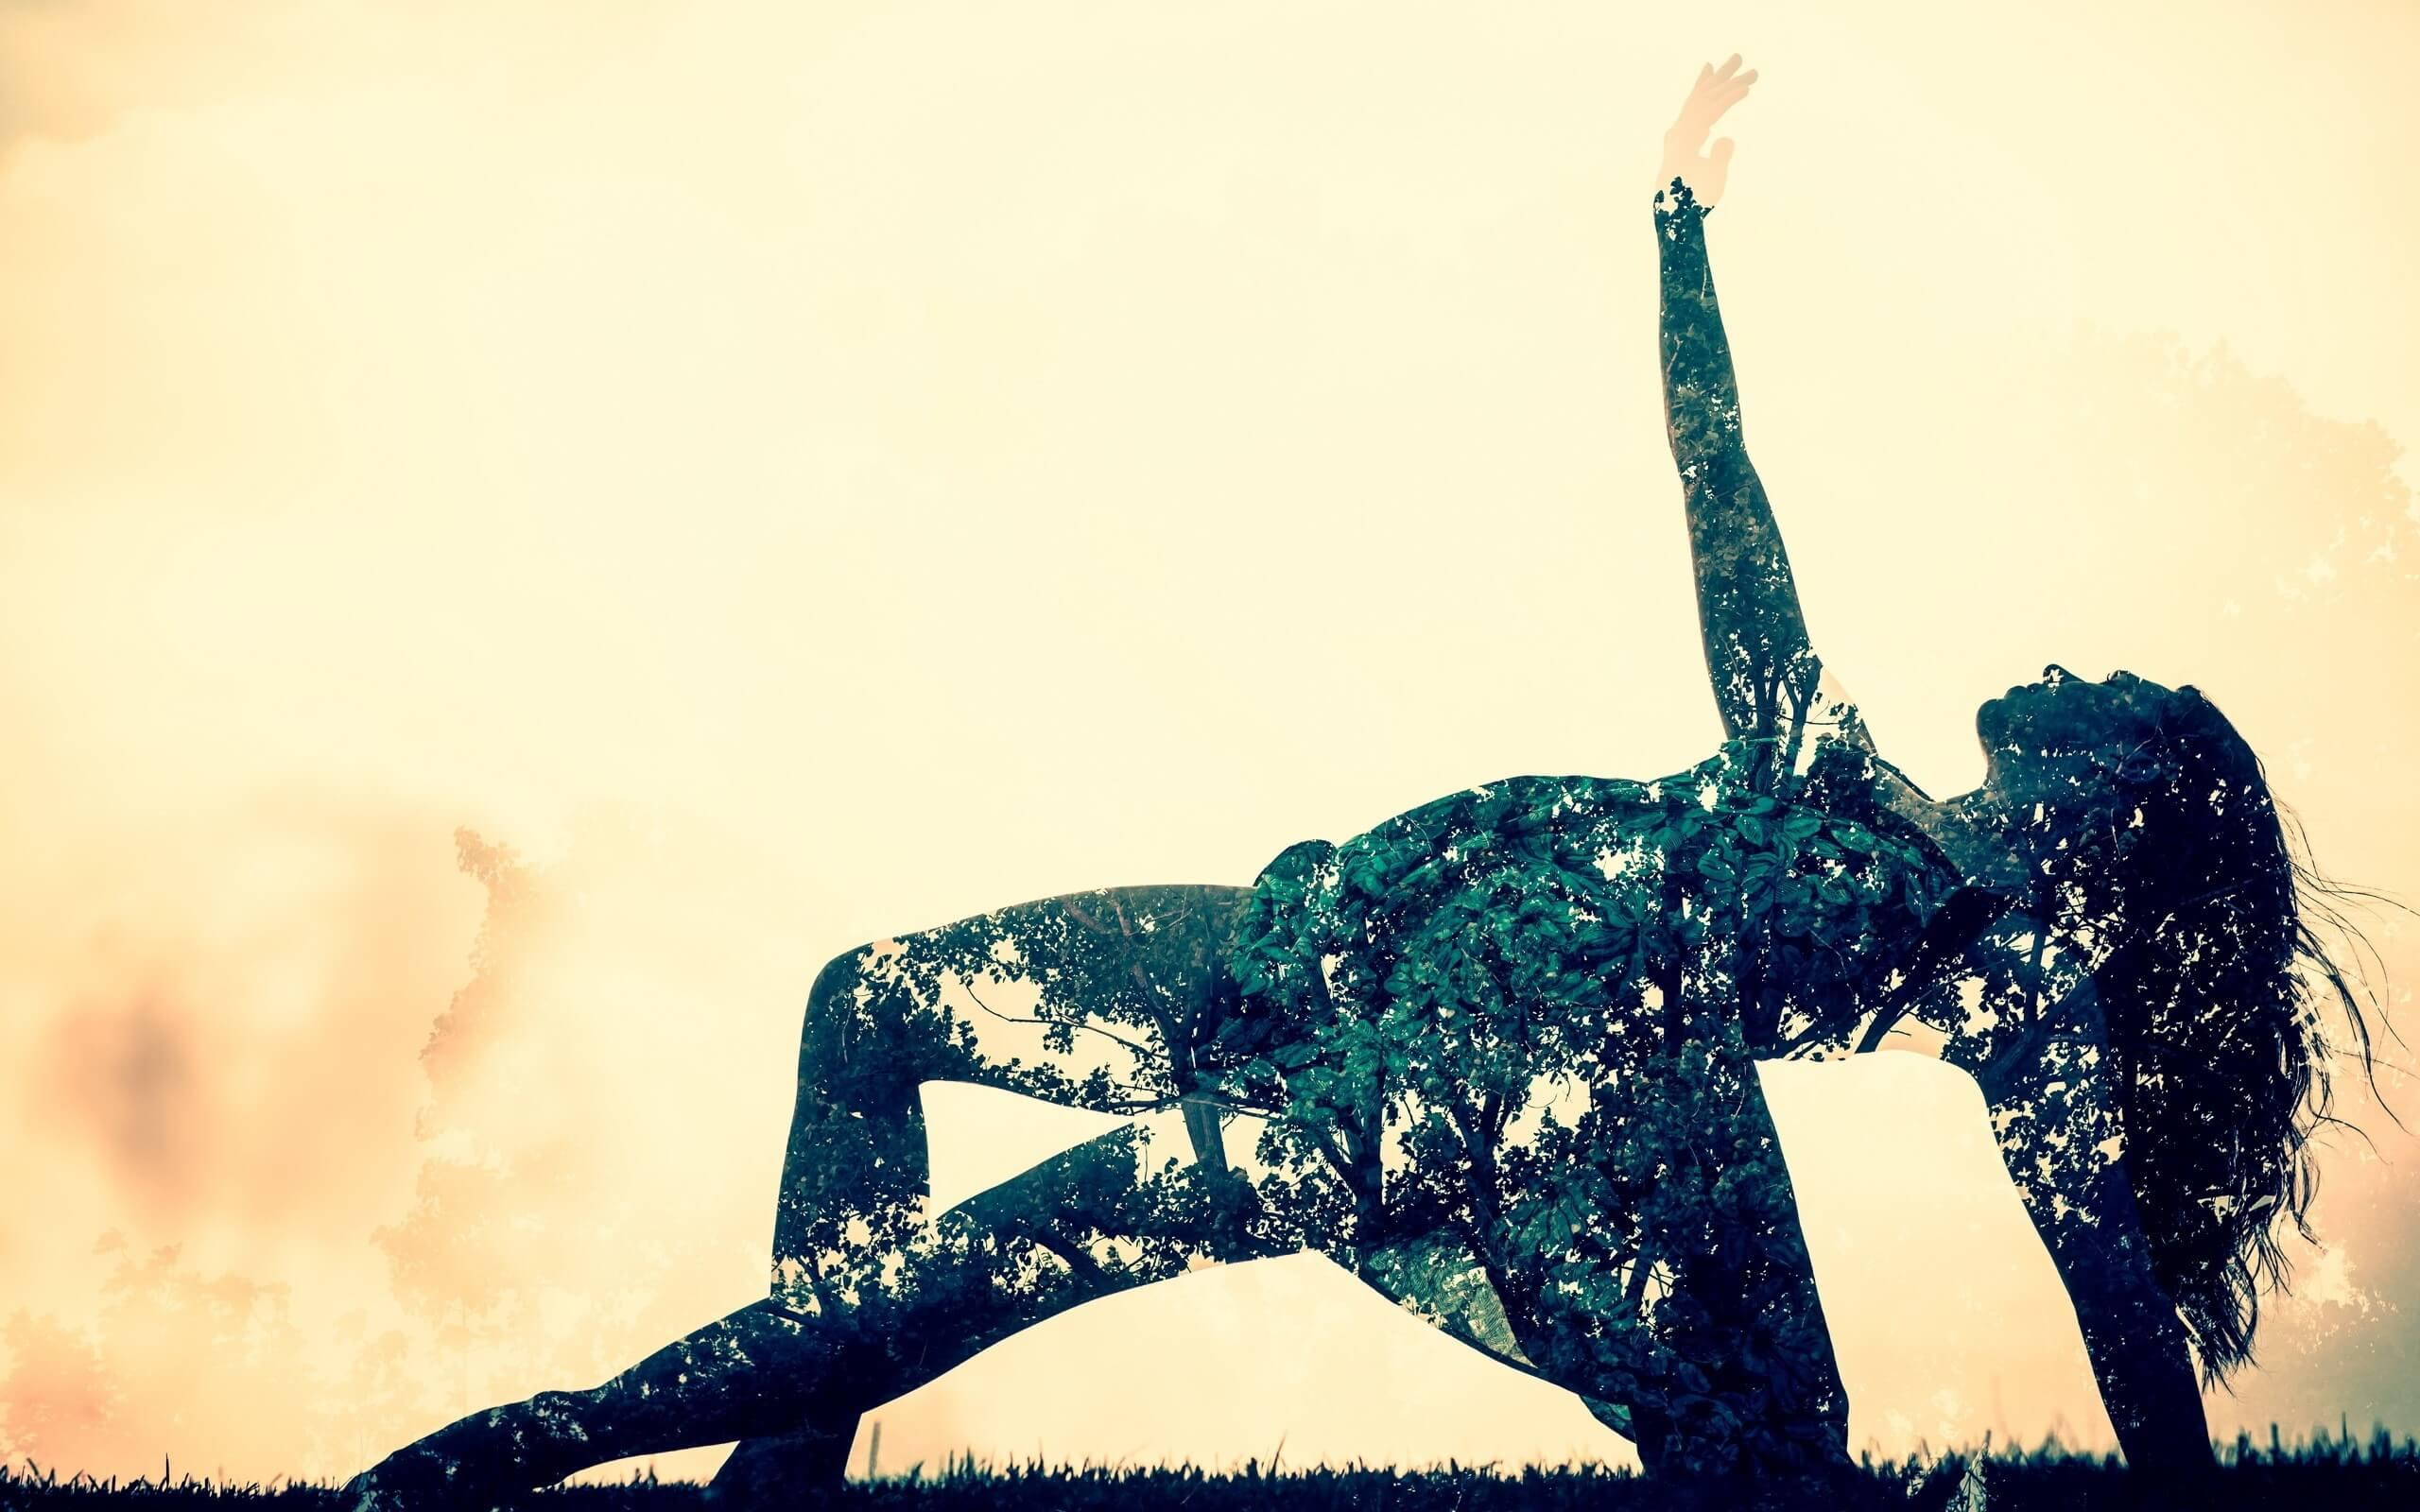 Ảnh nền nghệ thuật cô gái đang nhảy múa